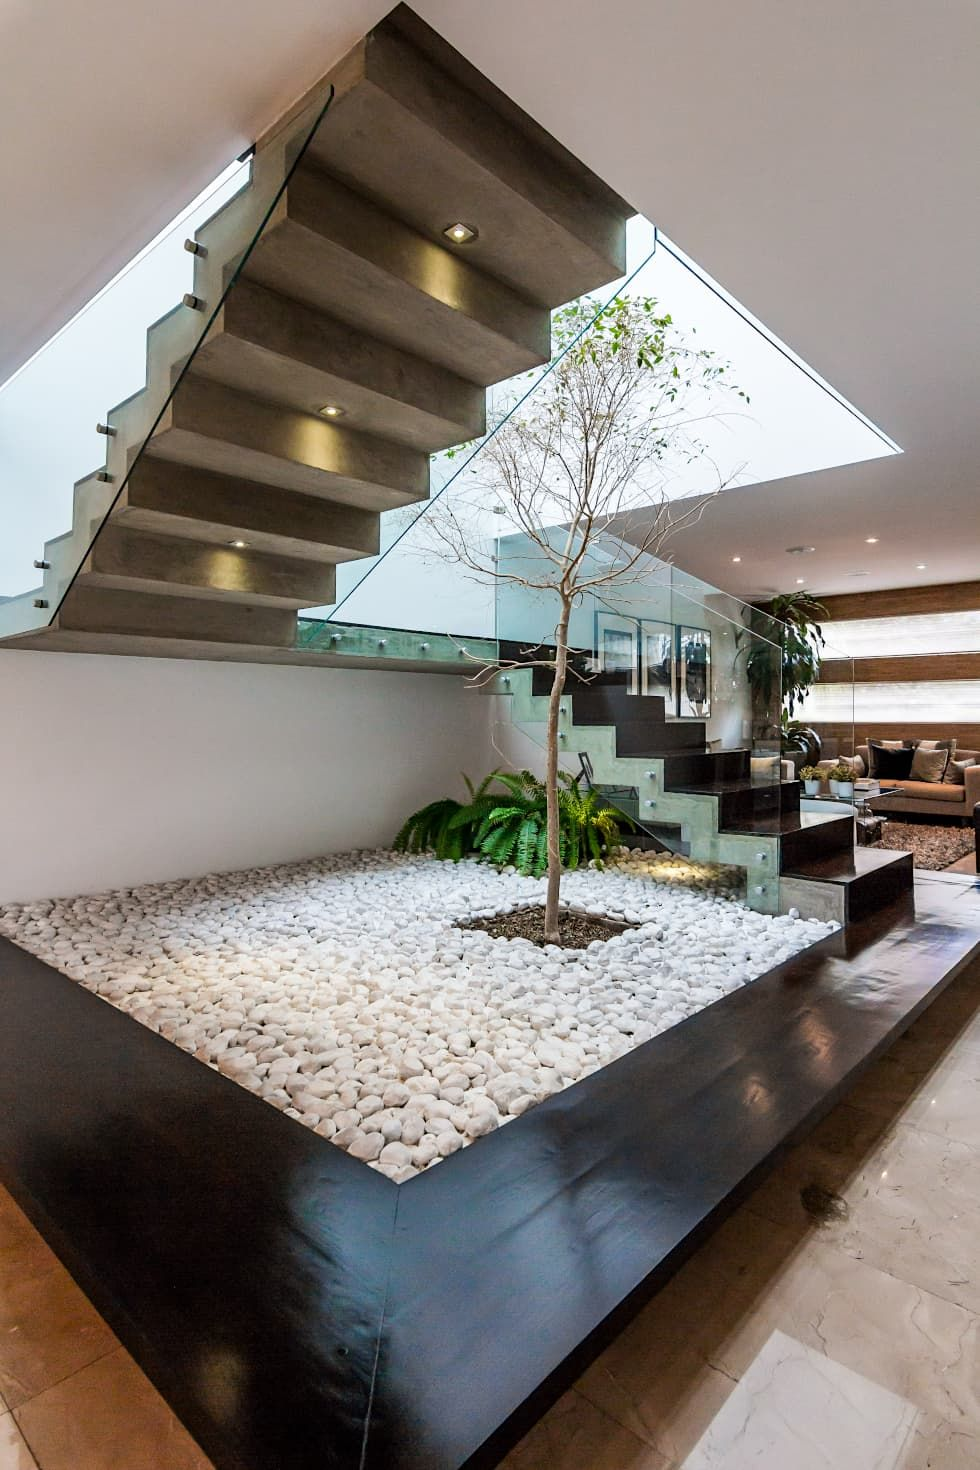 Home interior design staircase fotos de decoração design de interiores e reformas  arquitetura